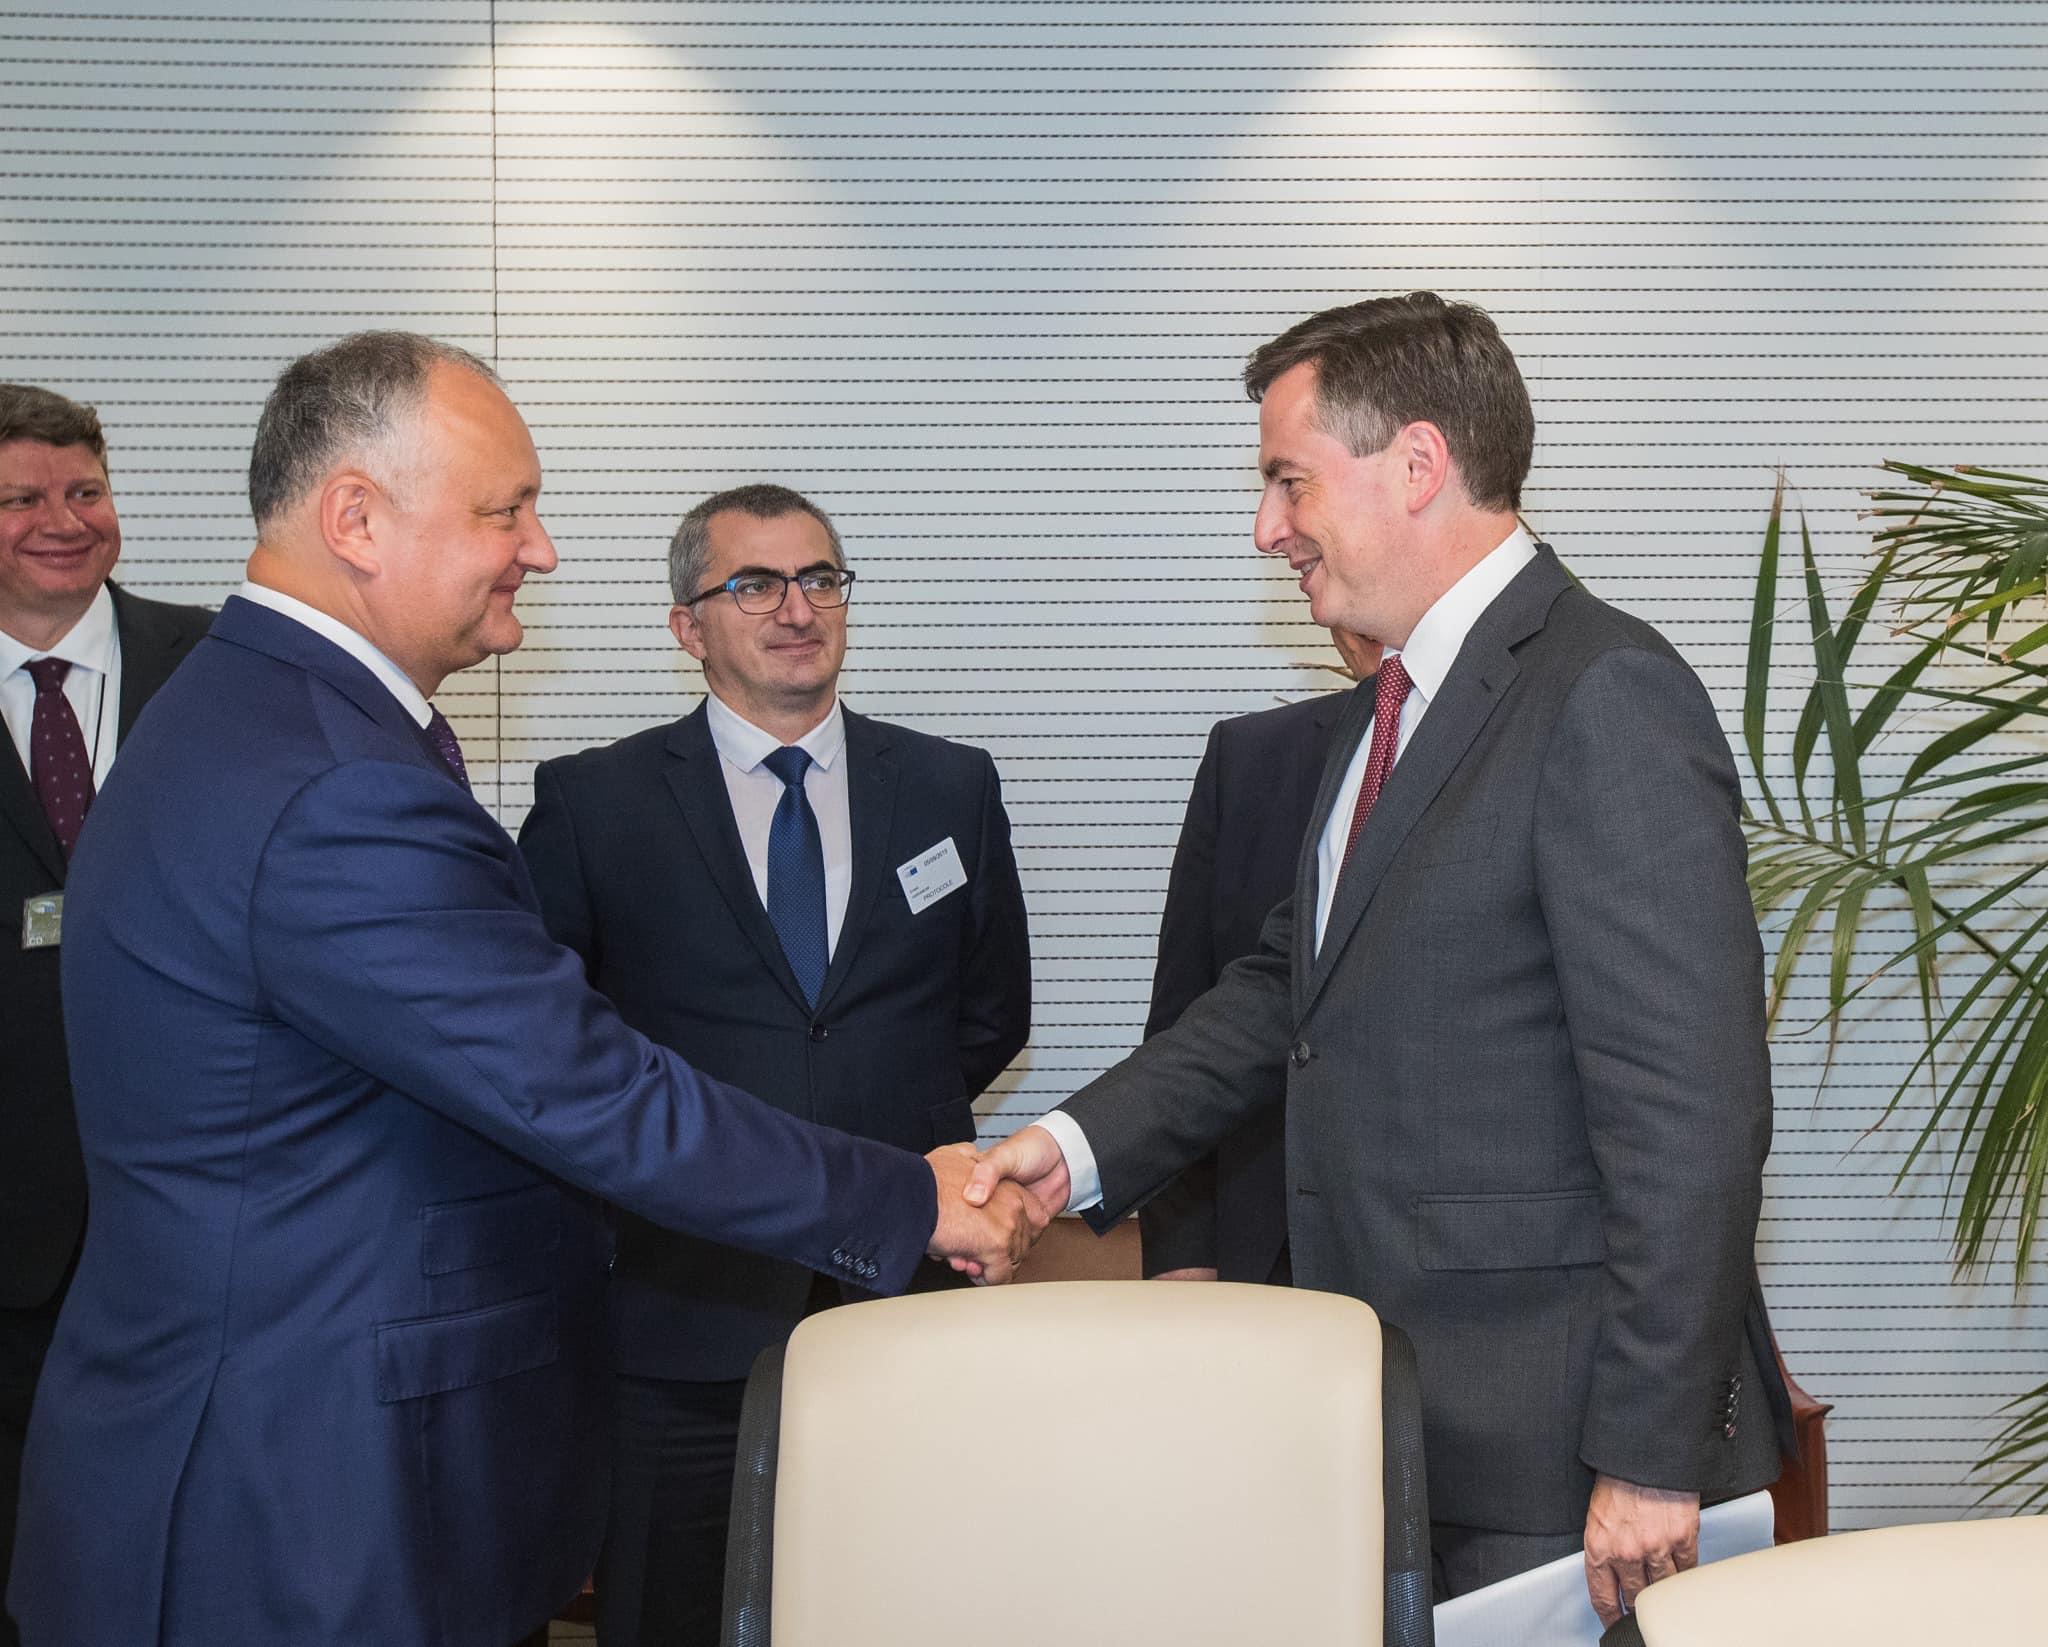 Додон: Молдова заинтересована в сохранении и развитии неформального партнёрства ЕС, РФ и США в нашей стране (ФОТО, ВИДЕО)